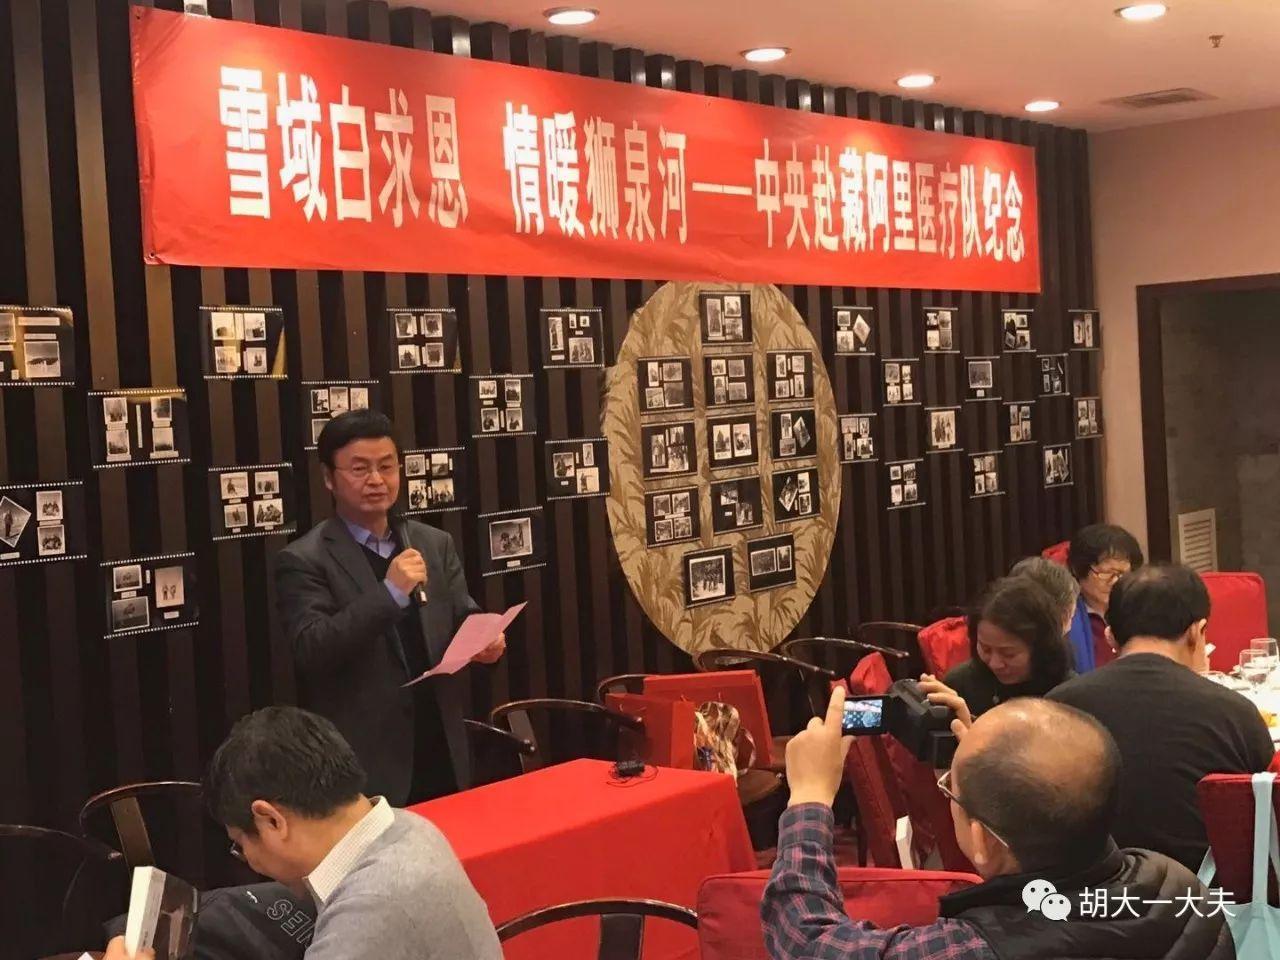 谨以我个人的名义,代表北京白求恩医科大学校友会向你们表示诚挚的图片